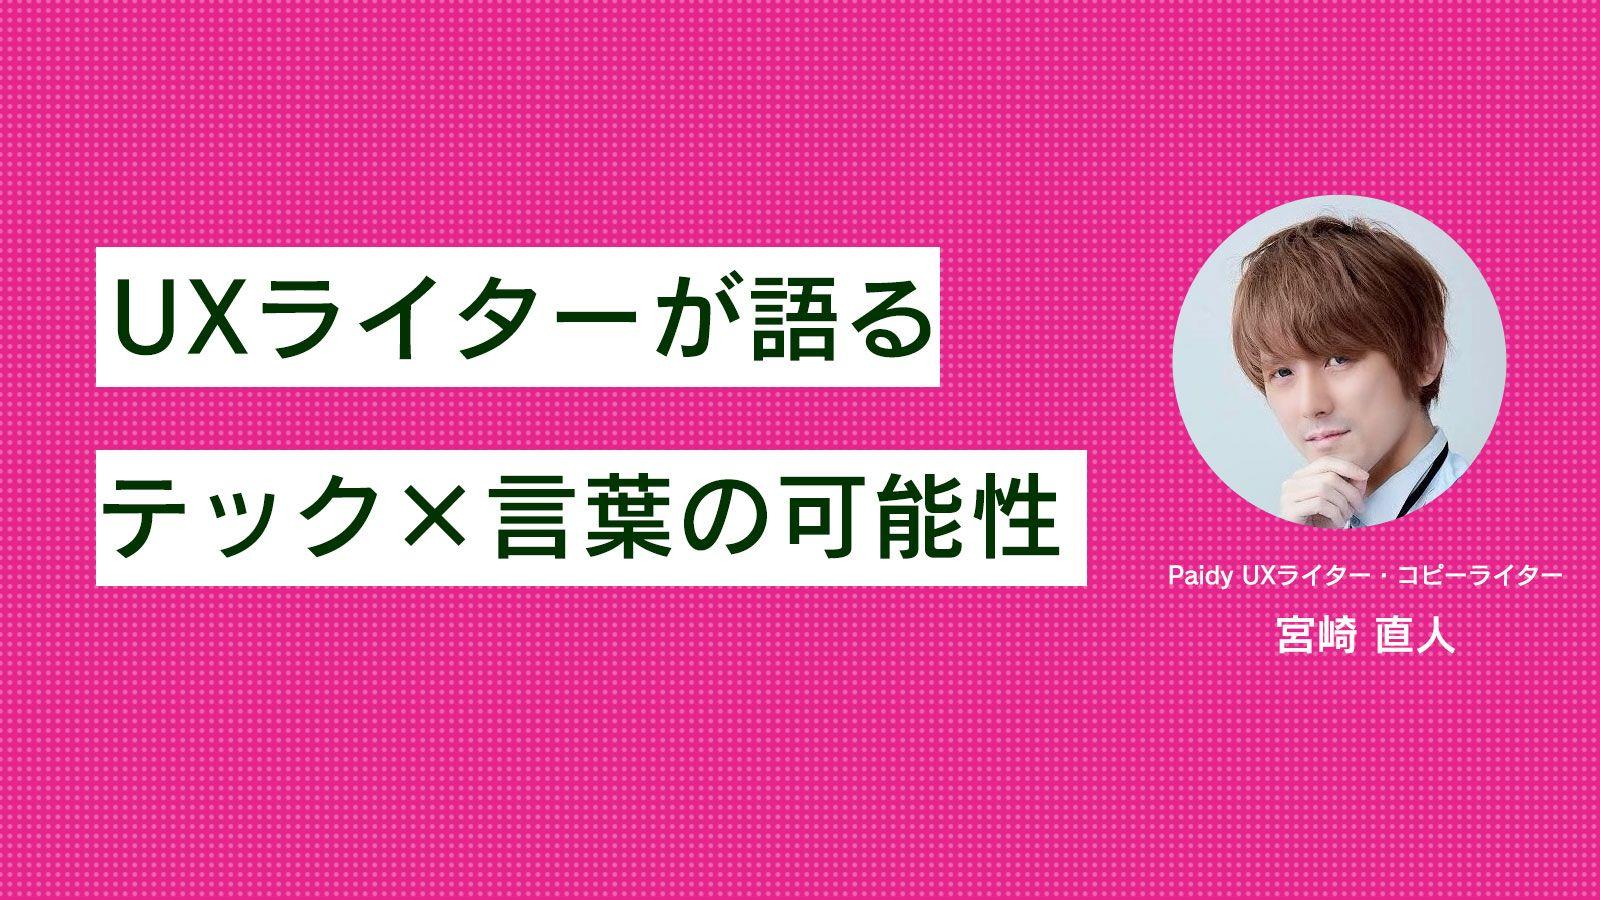 「あと払い」をリードするテック企業「Paidy」UXライター、宮崎直人が広げる言葉の可能性